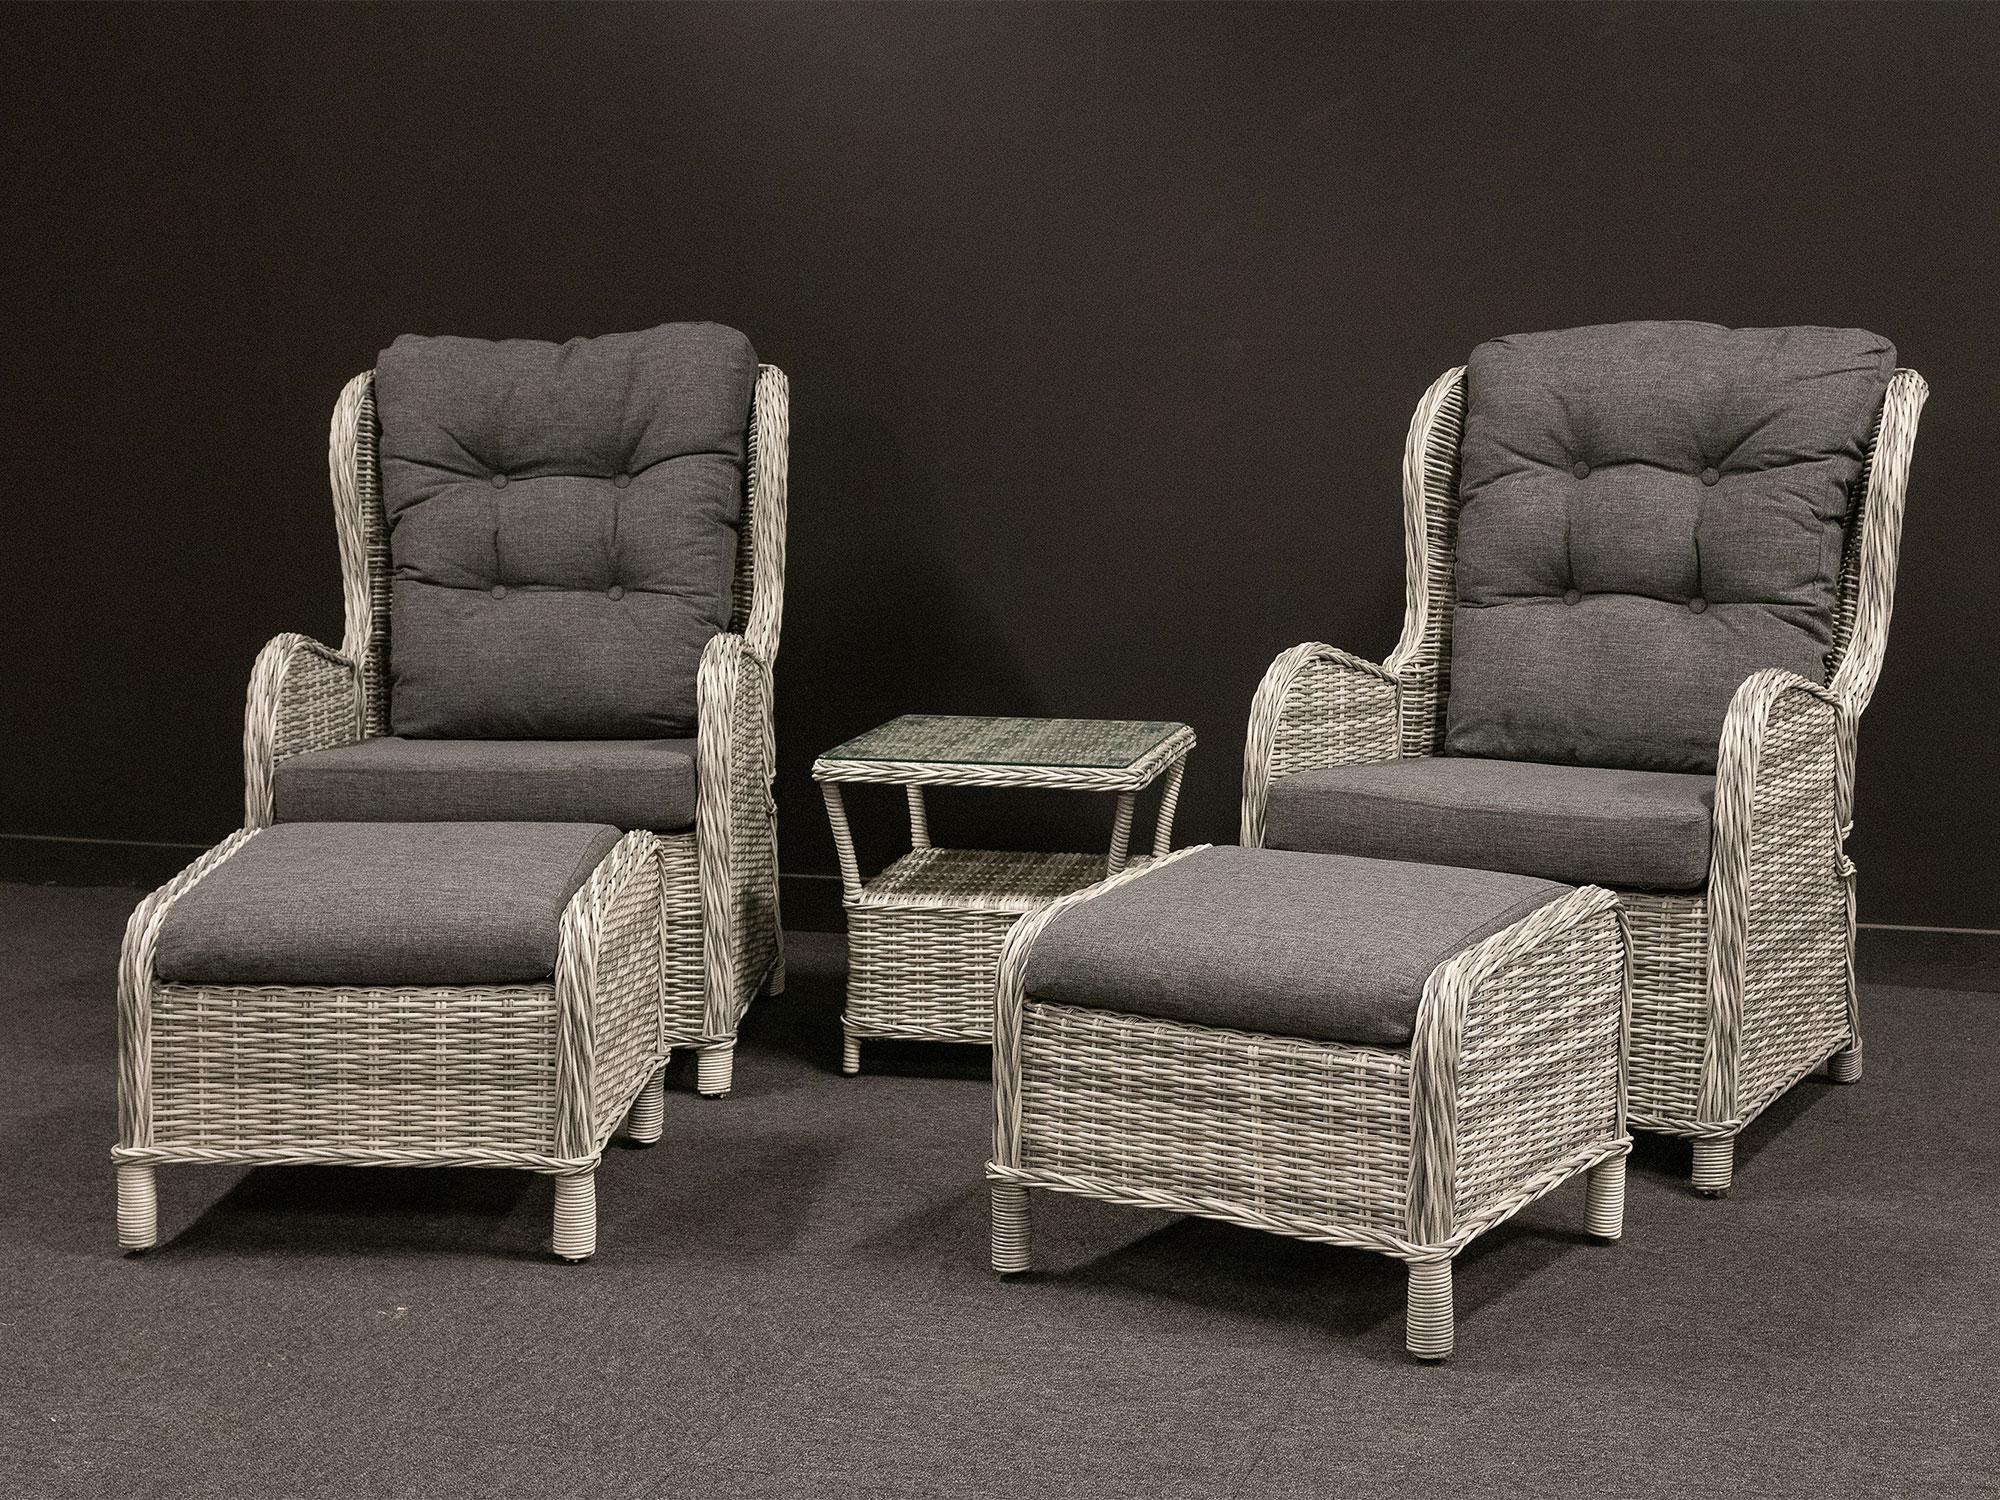 Produktbilde - Amalie hagesett med 2 stoler fothvilere og sidebord